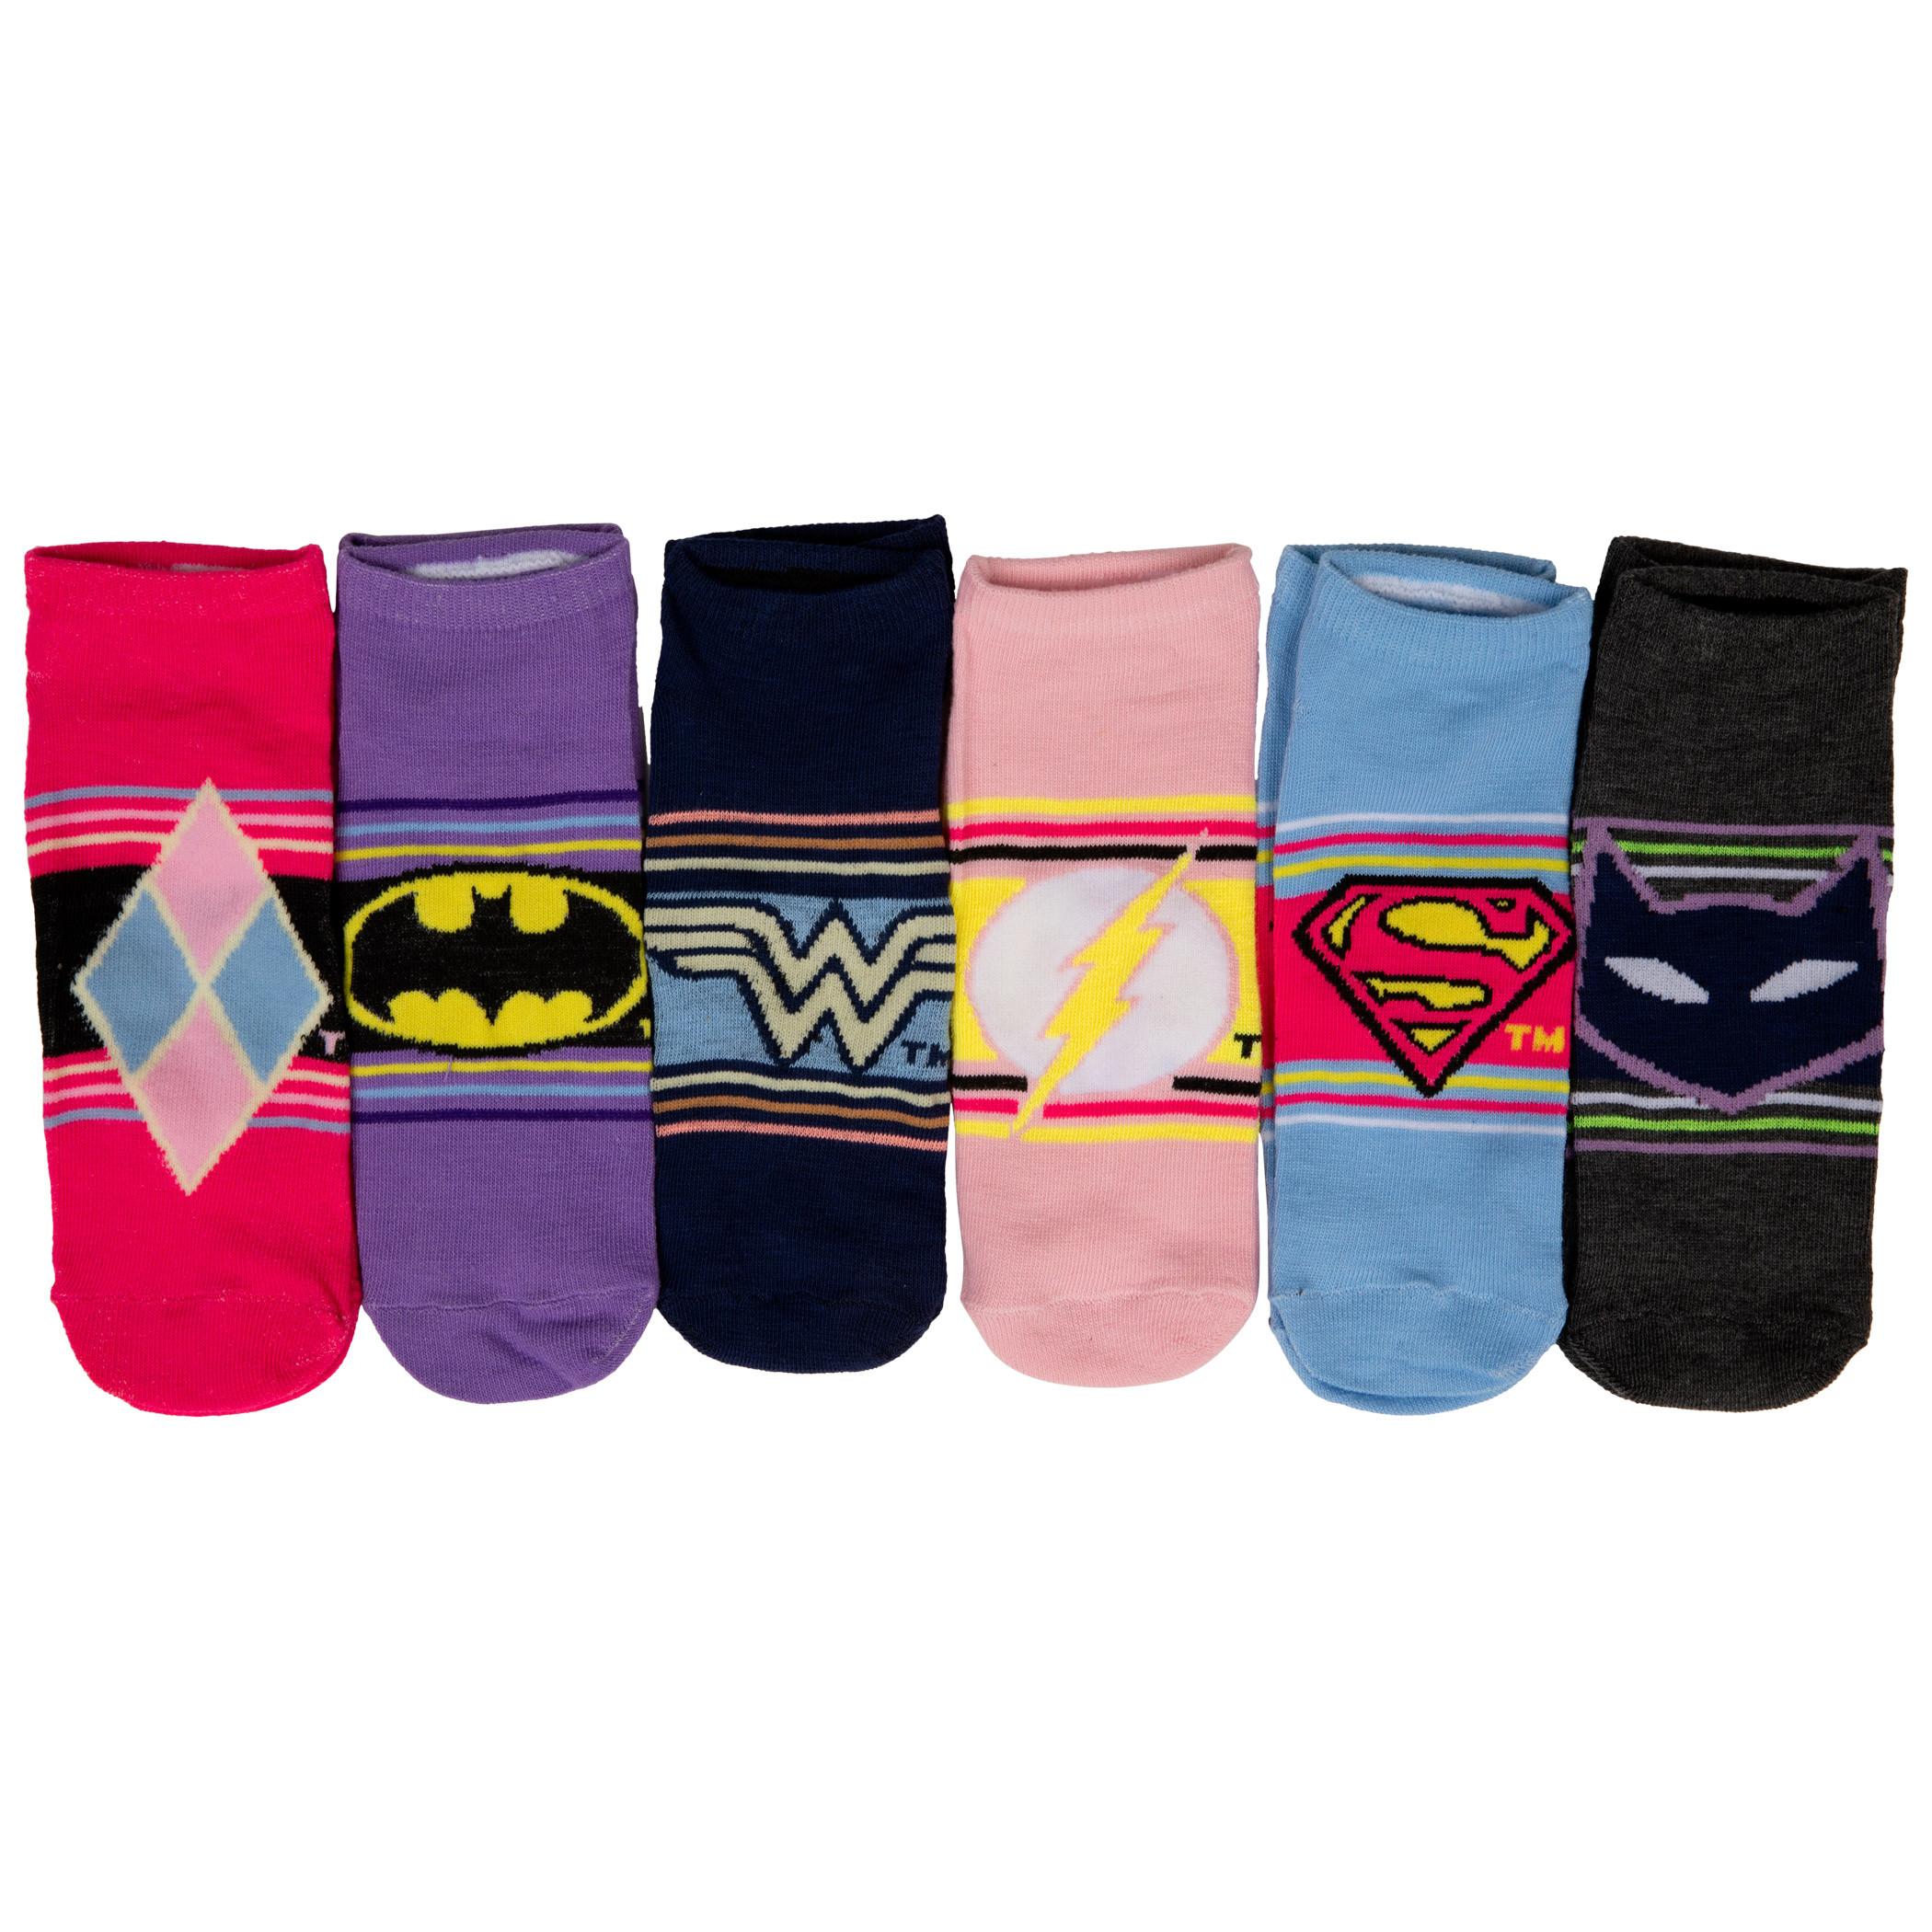 DC Comics Heroine Logos and Symbols Women's 6-Pack of Shorties Socks